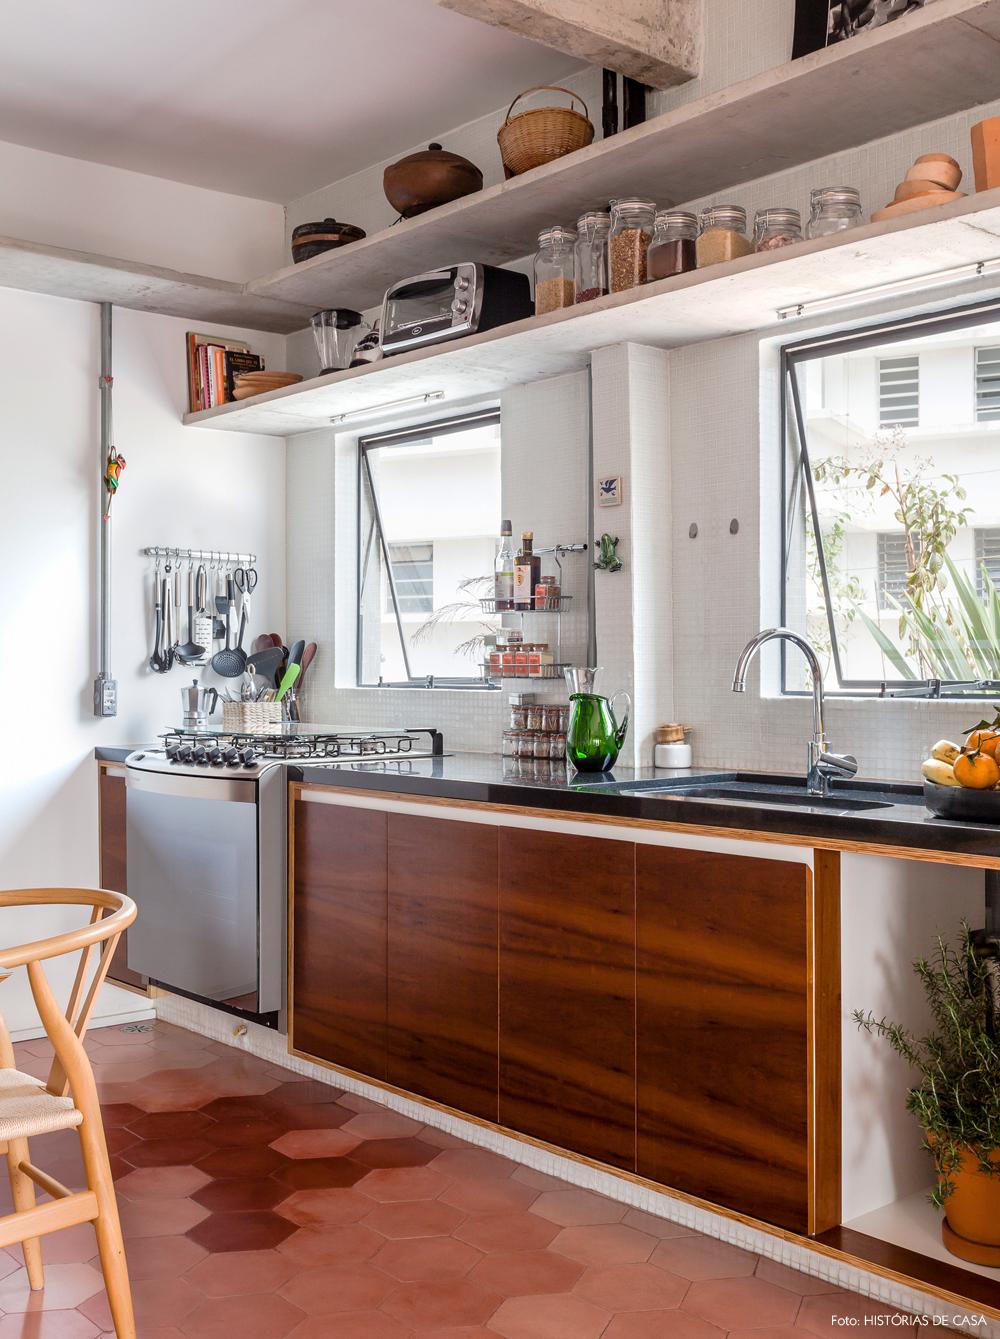 21-decoracao-apartamento-integrado-cozinha-concreto-granito-preto